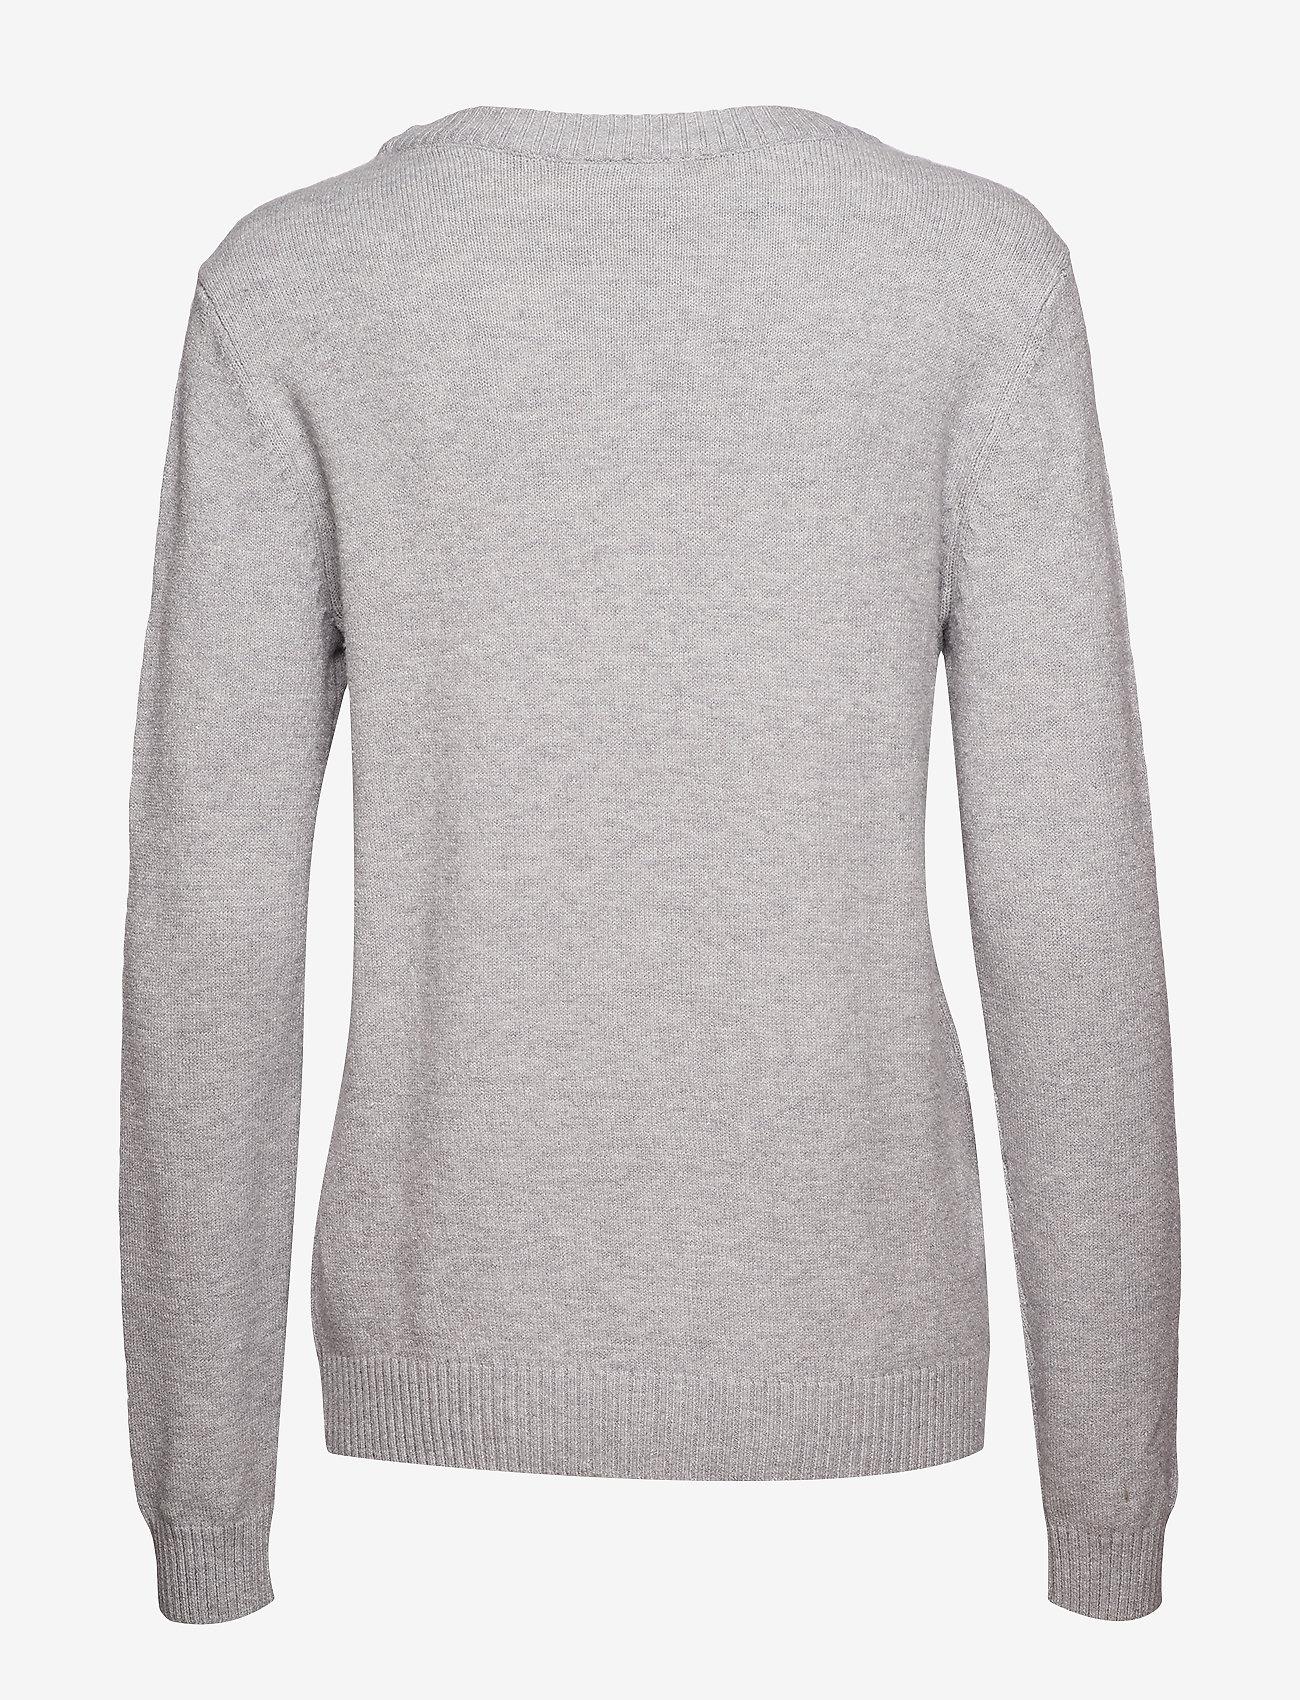 Viril O-neck L/s Knit Top - Noos (Light Grey Melange) - Vila qqG3VB